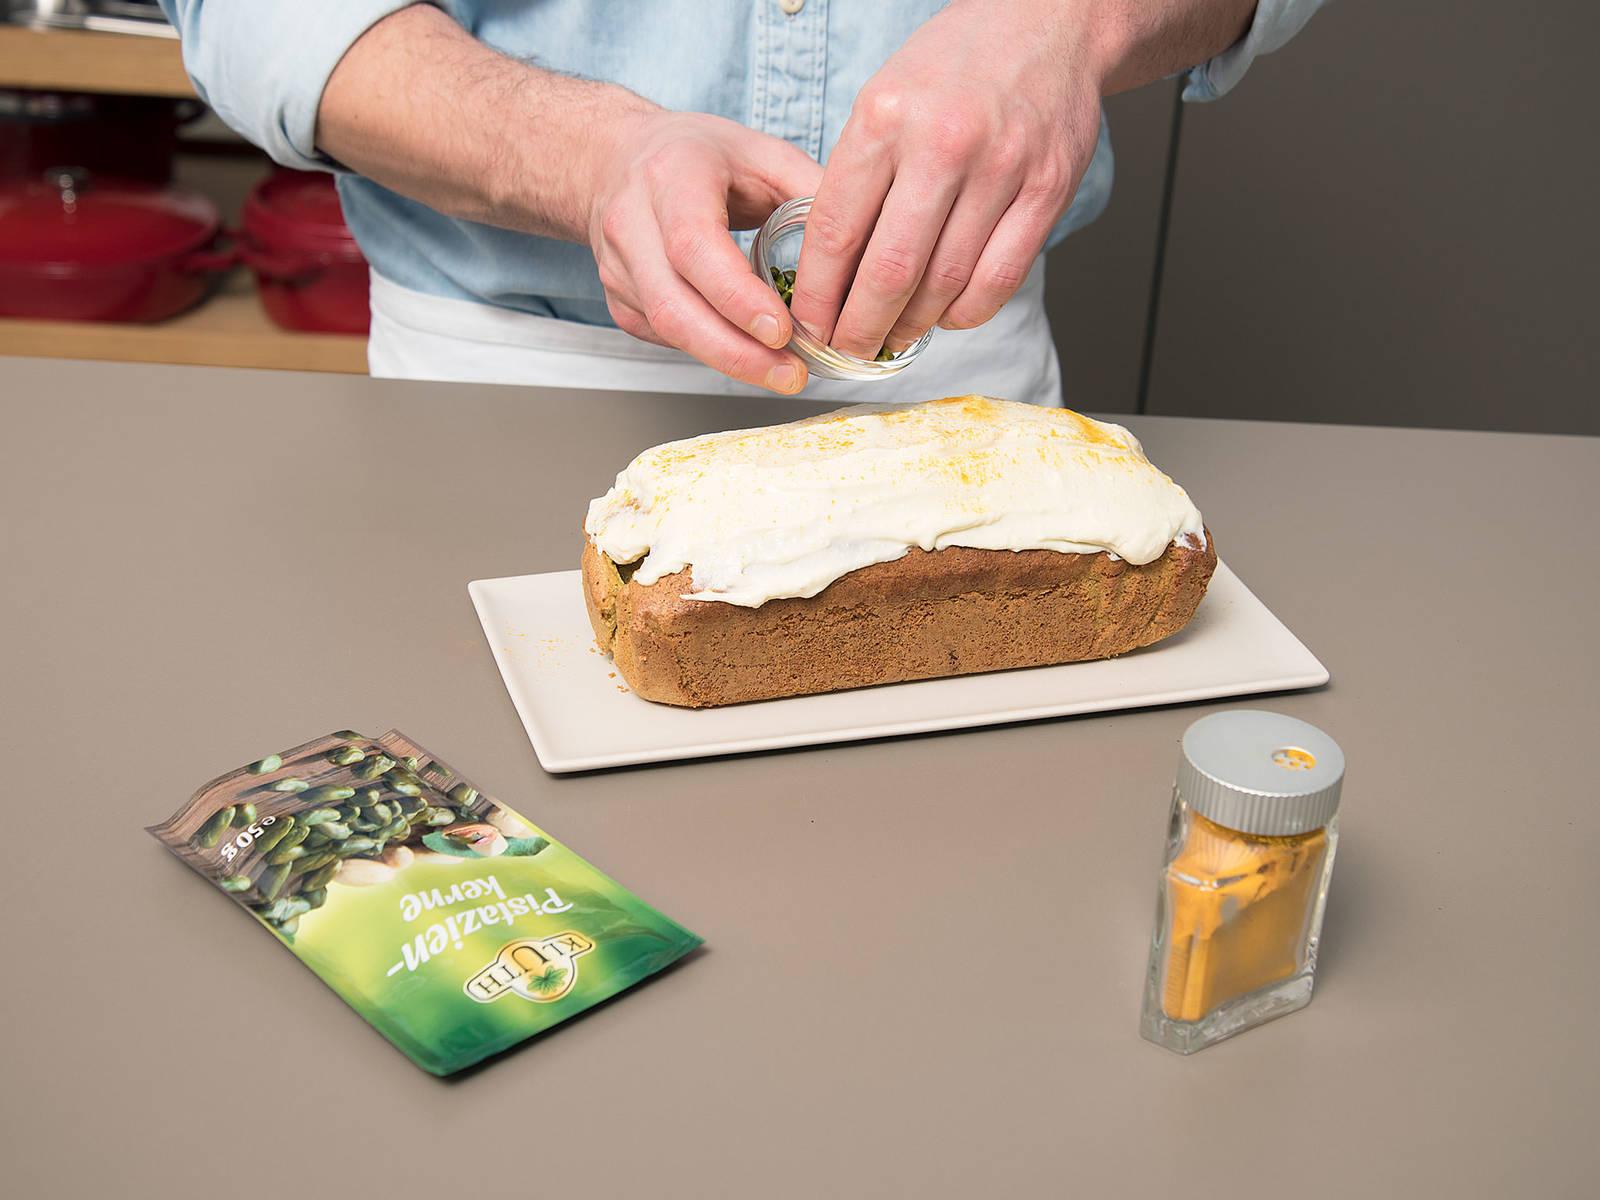 Während der Kuchen im Backofen ist, Frischkäse, Honig, restliches Salz, Zitronenabrieb und Zitronensaft in eine Schüssel geben und vermengen. Den ausgekühlen Kuchen mit der Frischkäse-Mischung bestreichen. Mit gemahlener Kurkuma und gehackten Pistazien bestreuen. Guten Appetit!